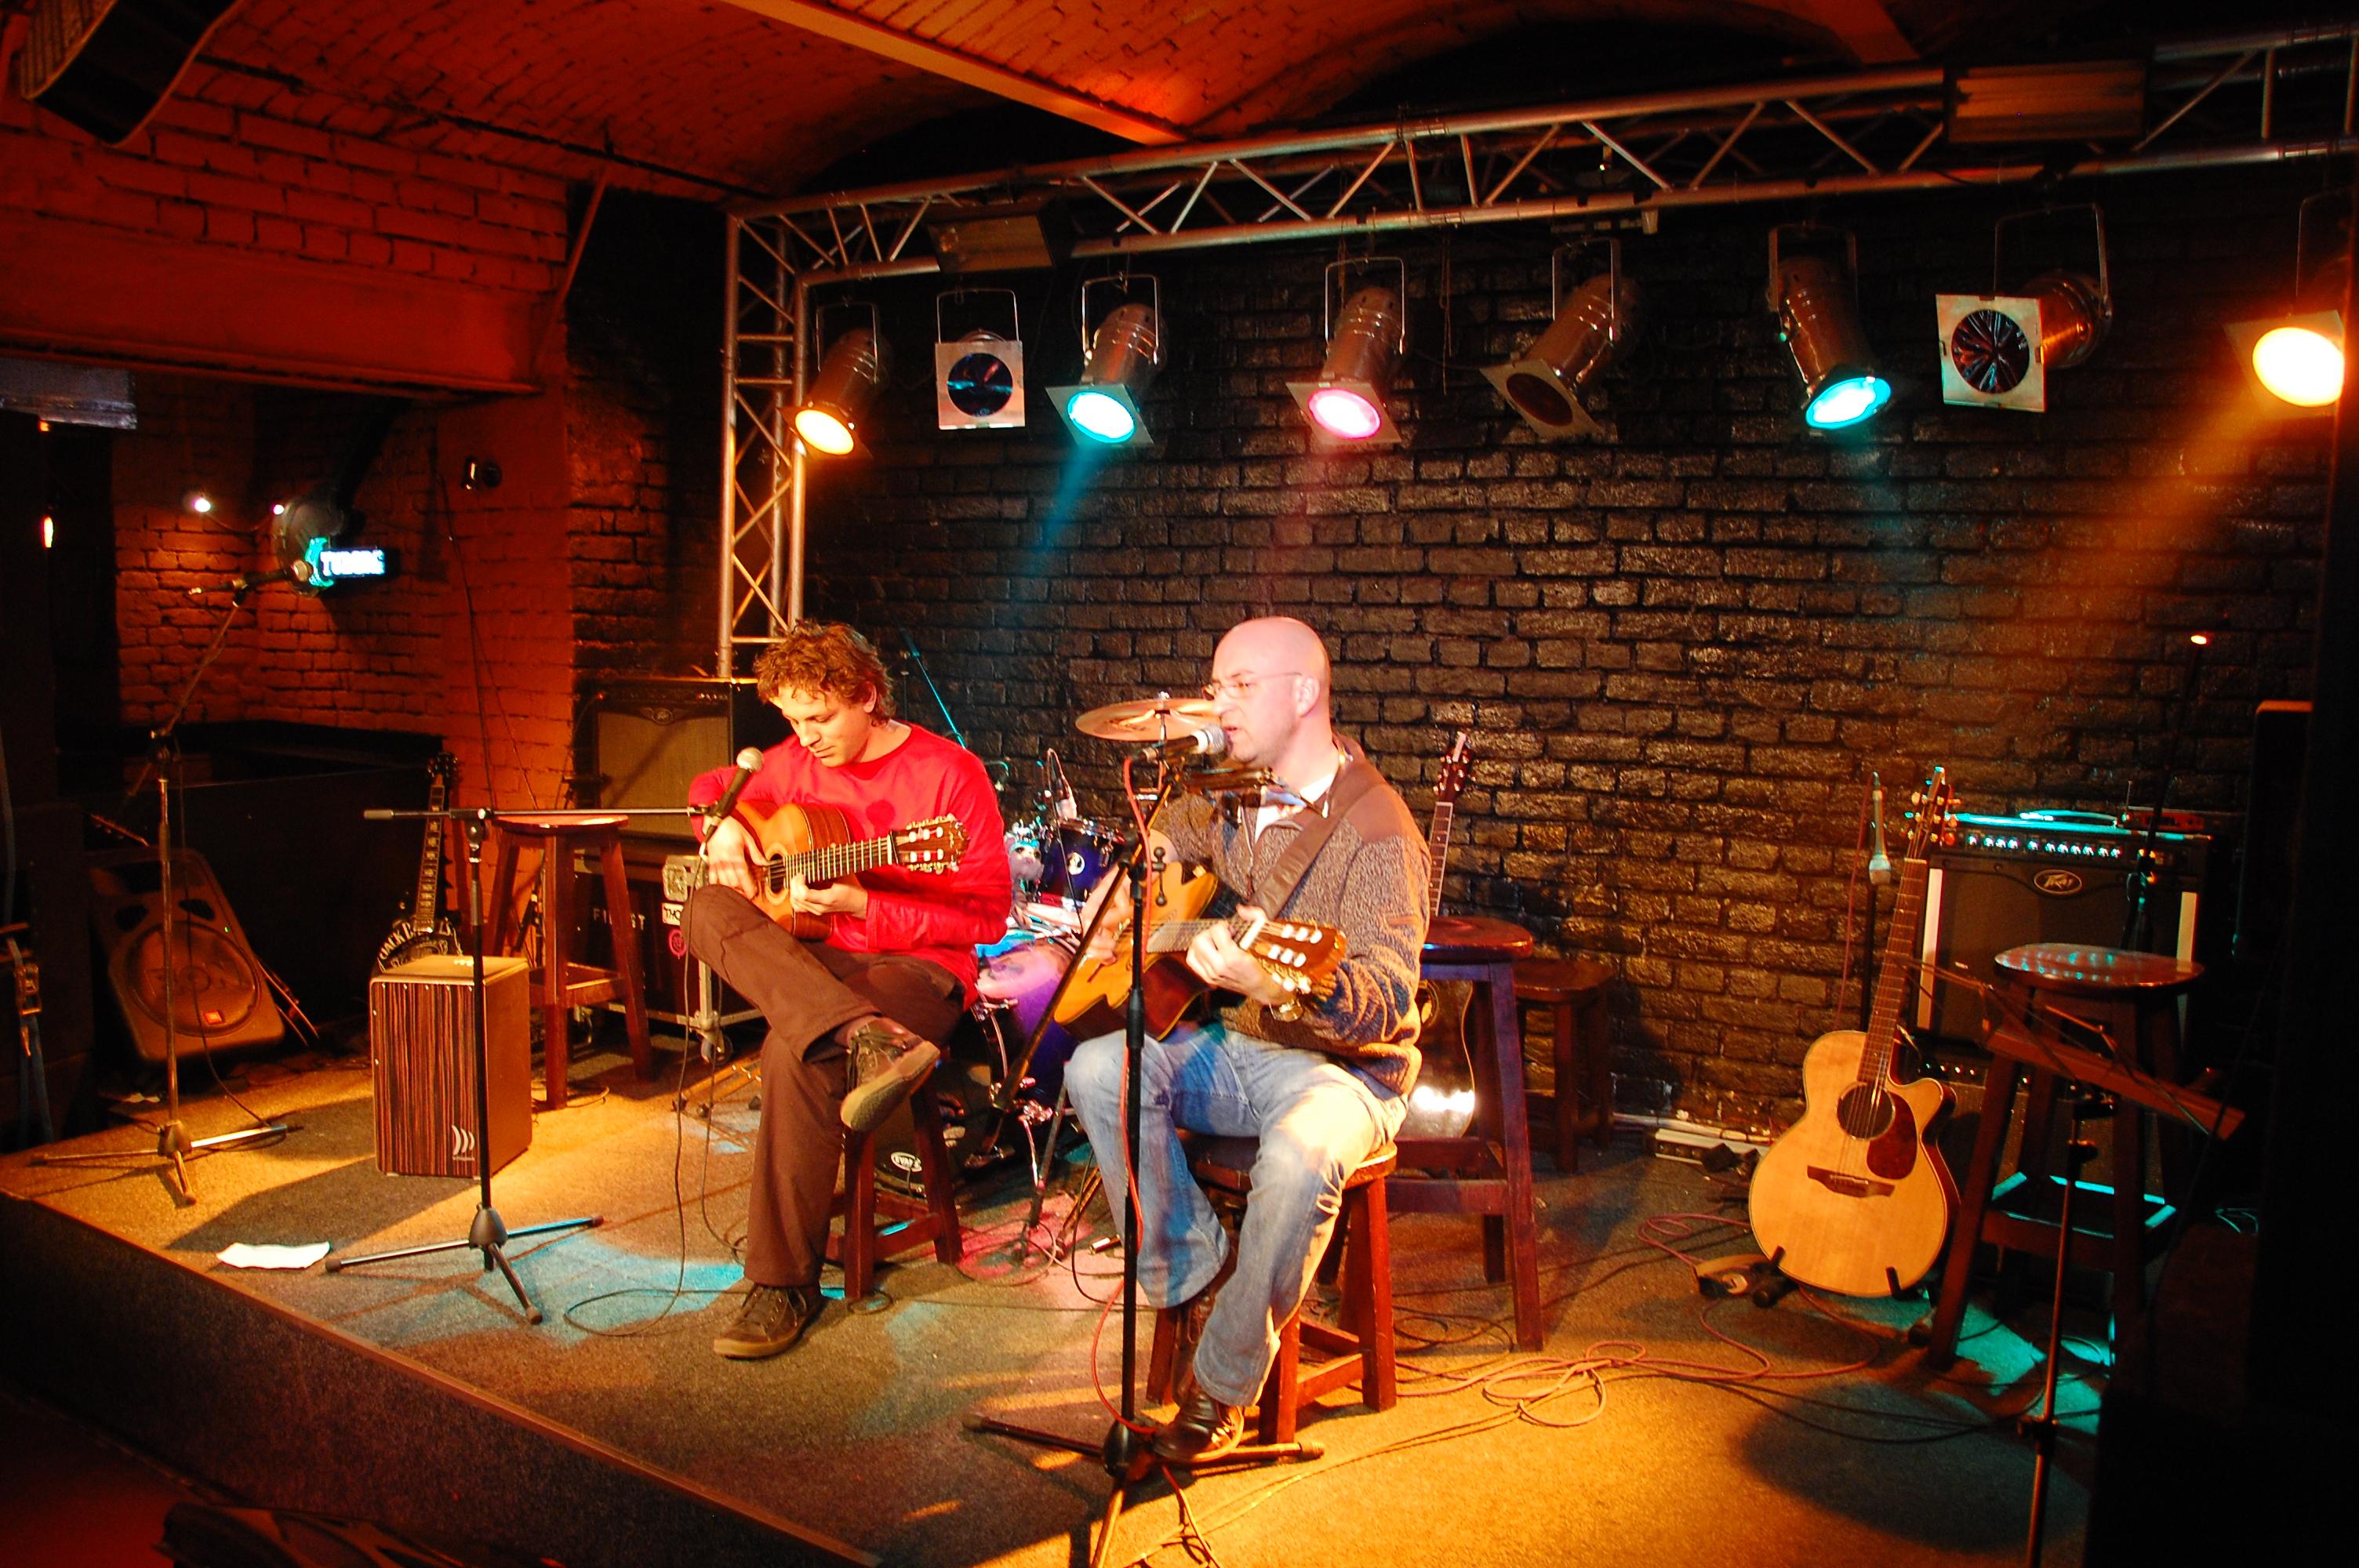 Improvizaţii de iarnă flamenco-pop-rock – asta promit târgumureşenilor artiştii Ovidiu Scridon şi Silvan Stăncel.